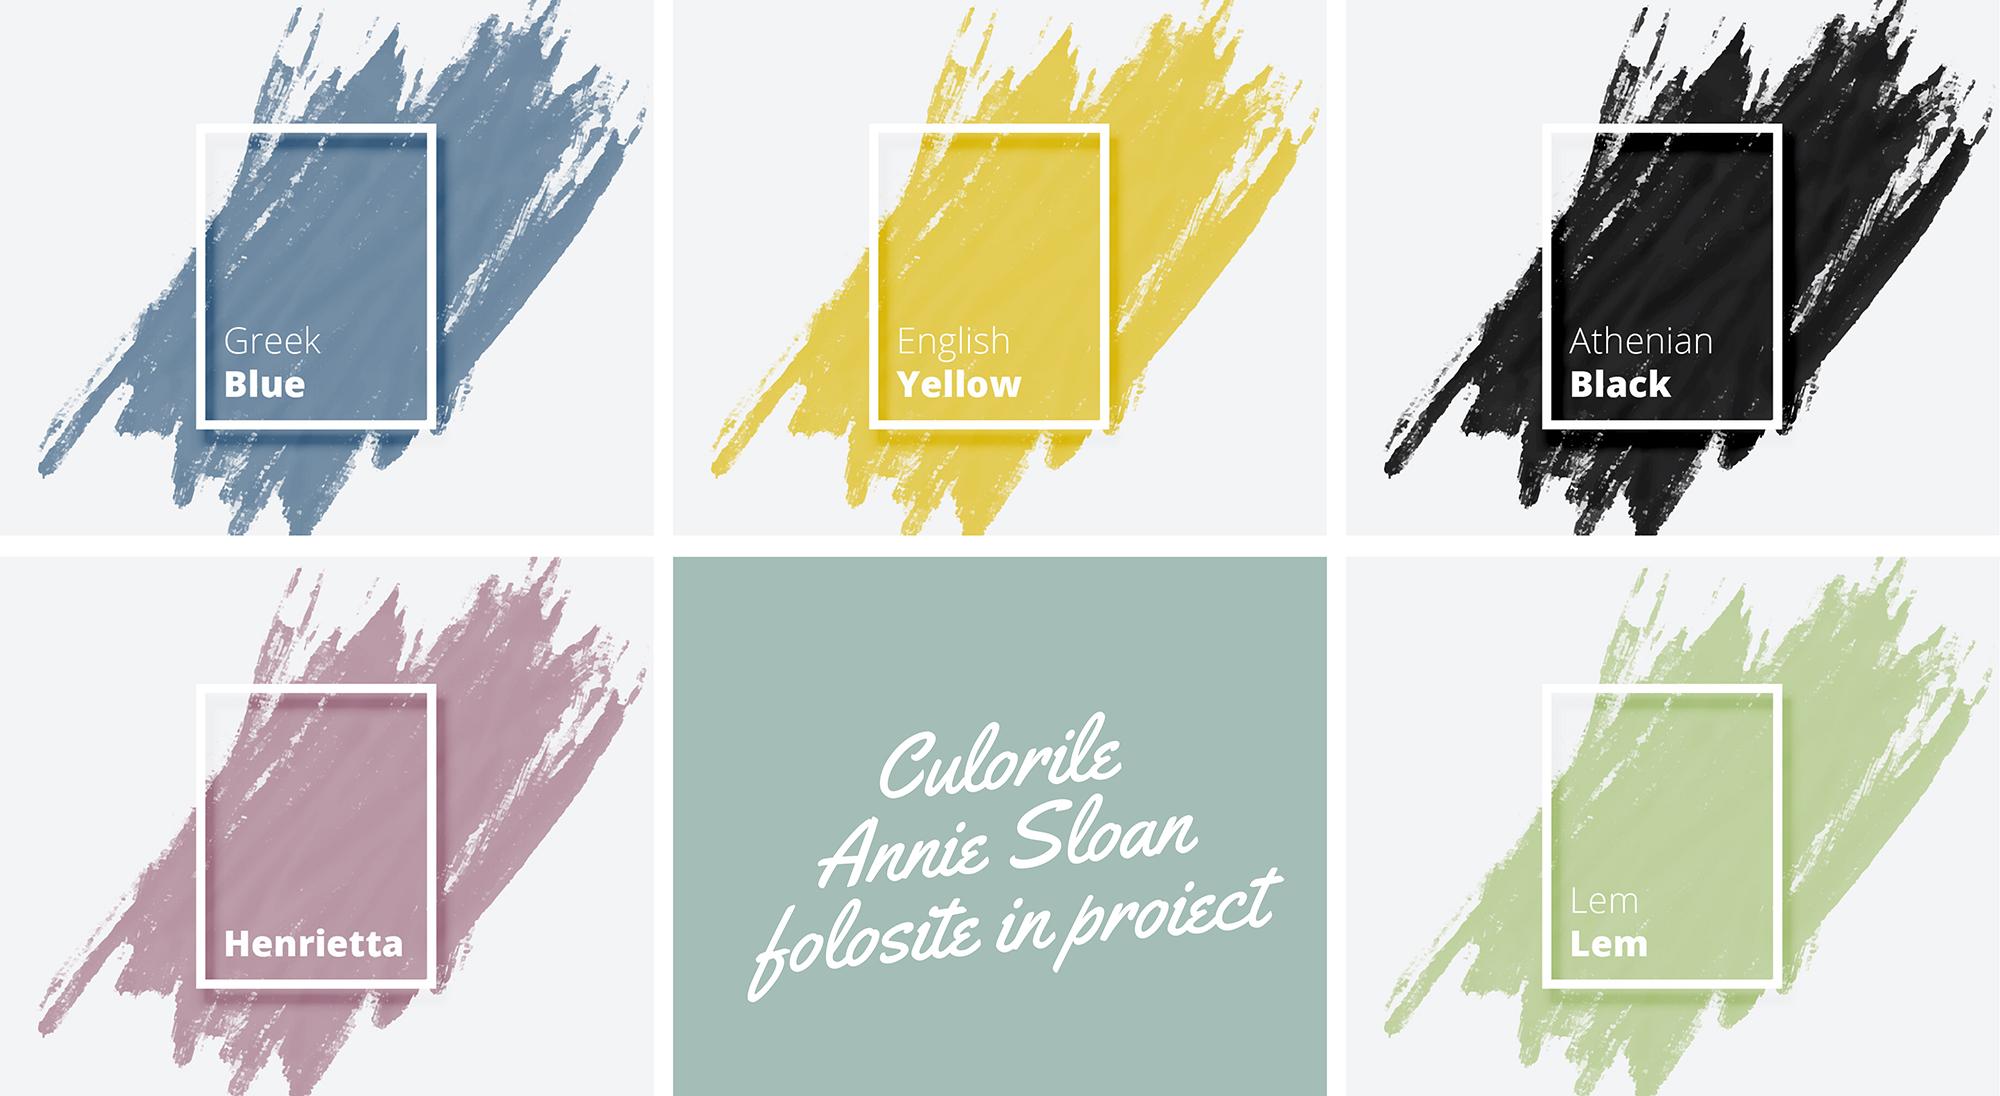 culorile Annie-Sloane Annie Sloan Chalk Paint Jurnal